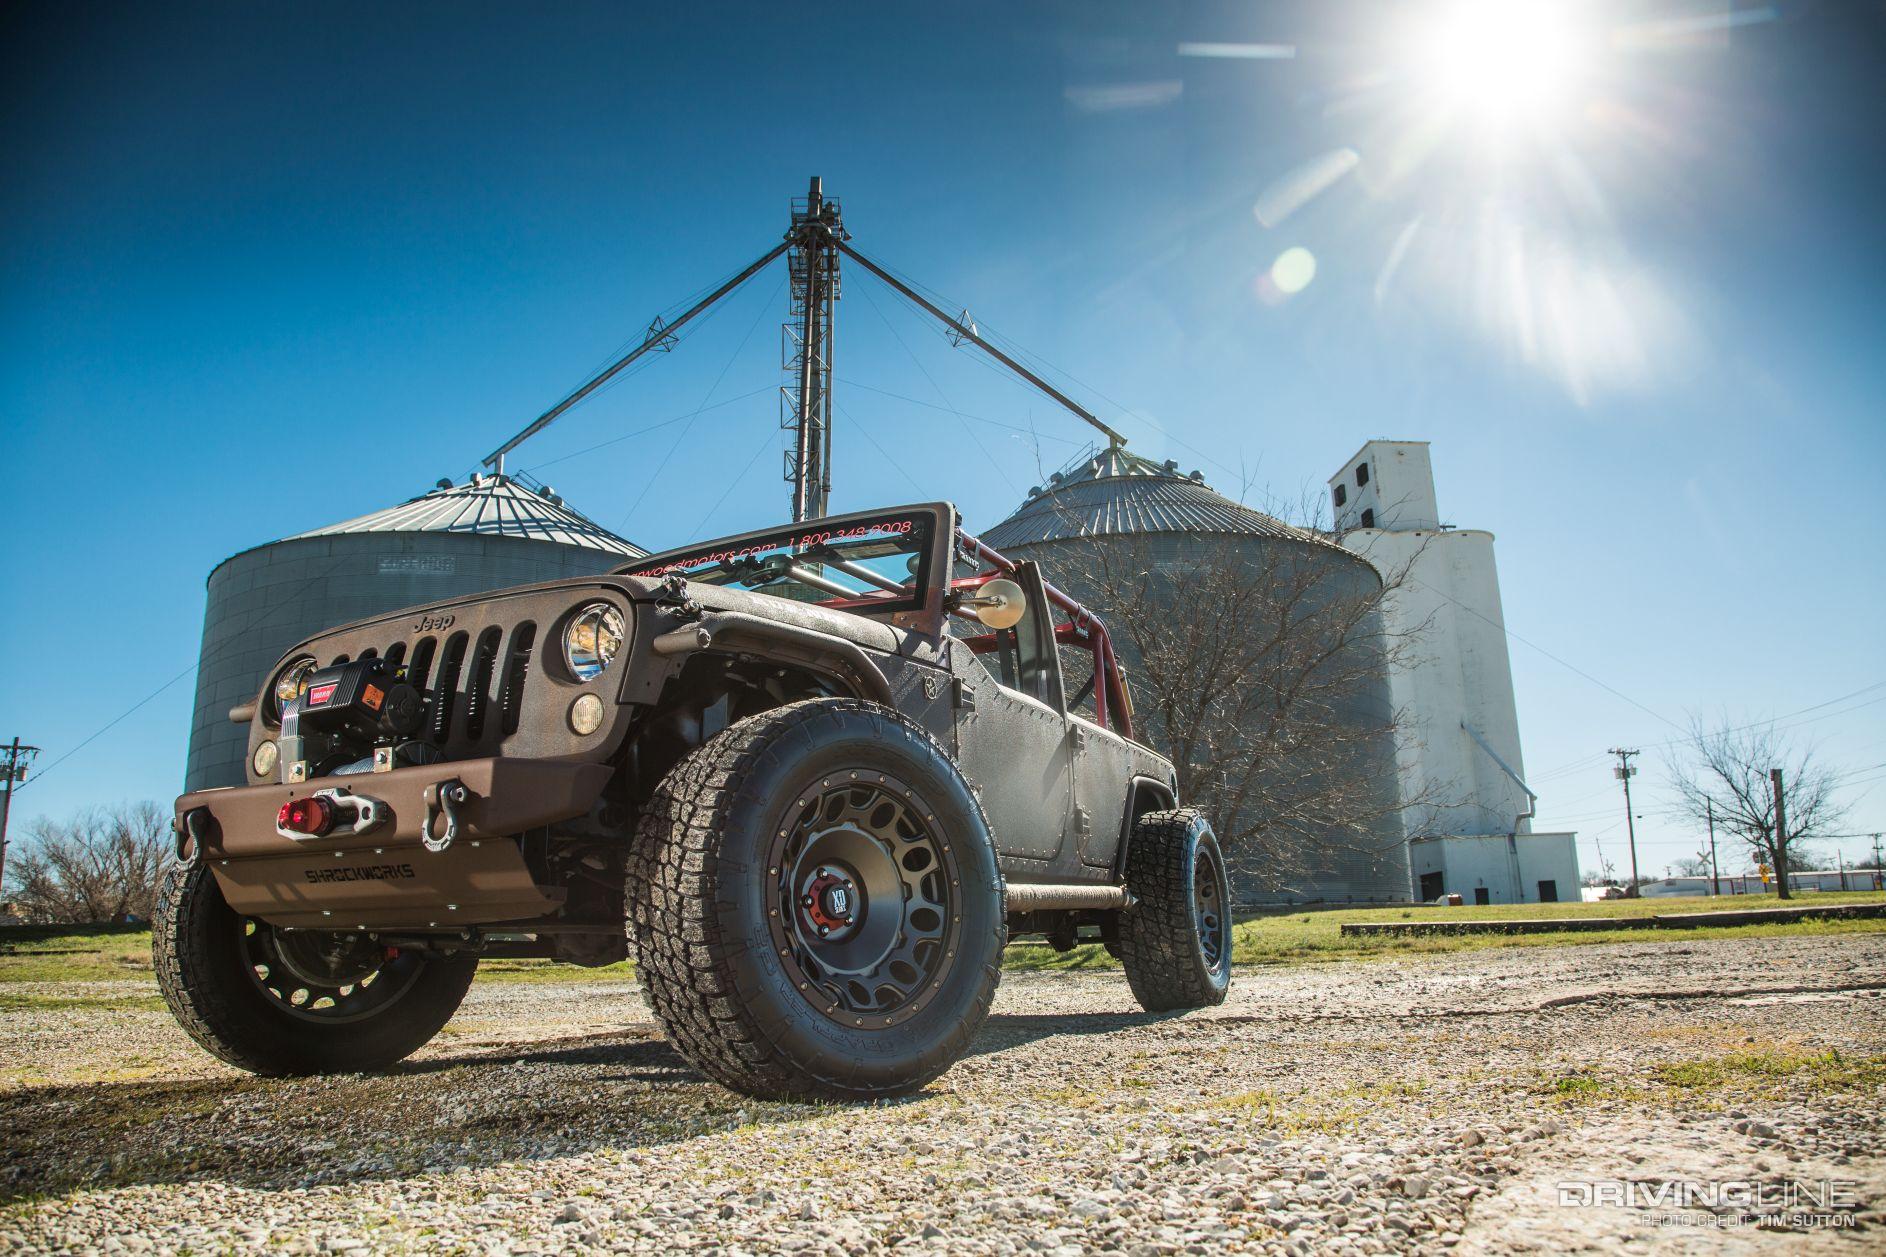 Starwood Motors Jeep >> Starwood Motors Jeep Wrangler Unlimited Rat Rod JK | DrivingLine